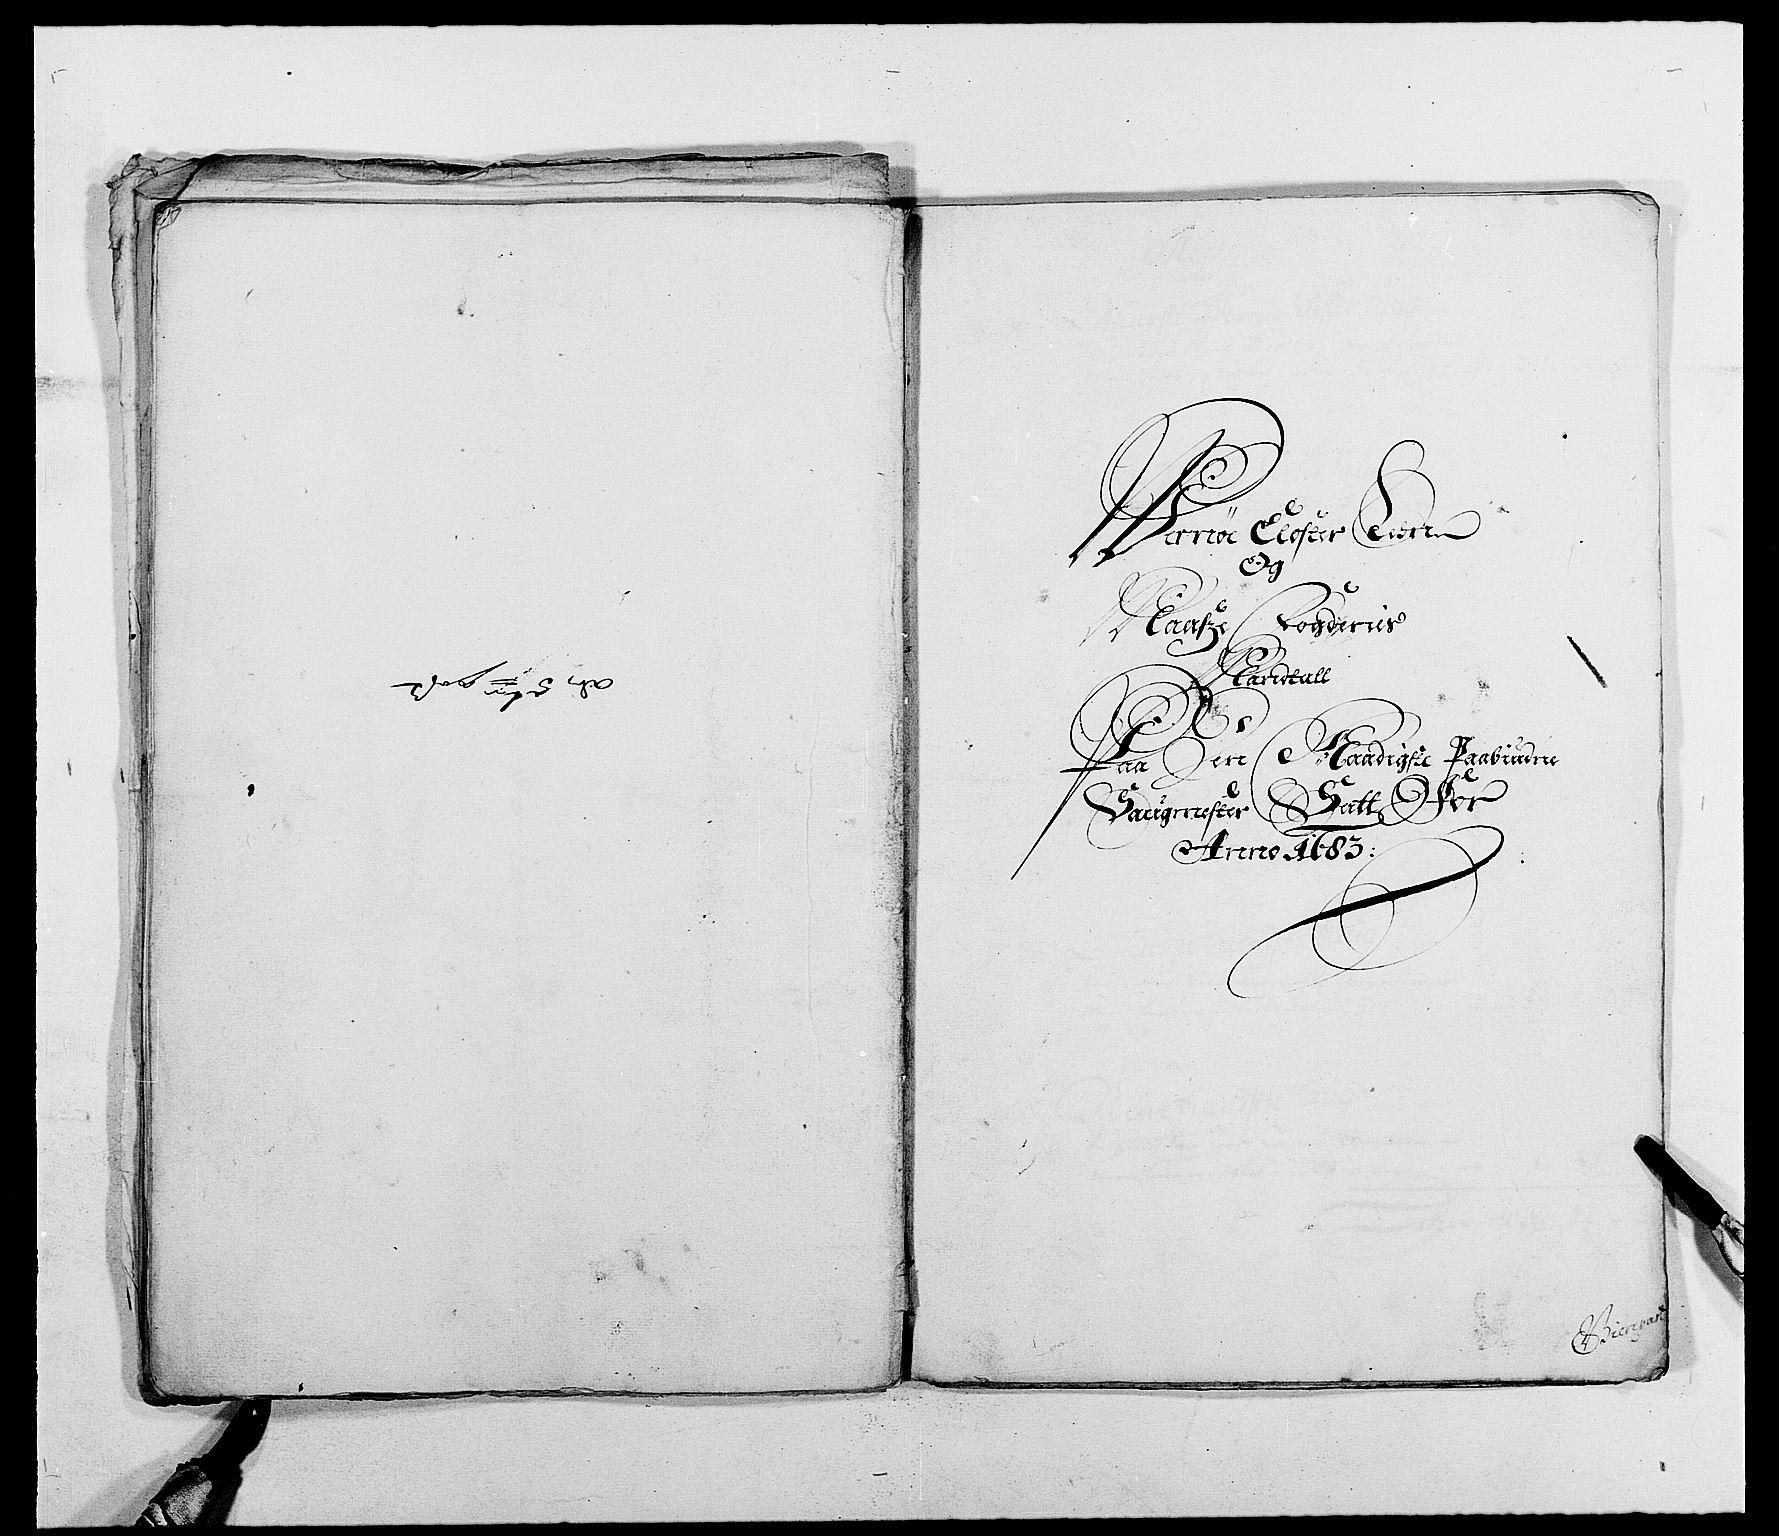 RA, Rentekammeret inntil 1814, Reviderte regnskaper, Fogderegnskap, R02/L0104: Fogderegnskap Moss og Verne kloster, 1682-1684, s. 294